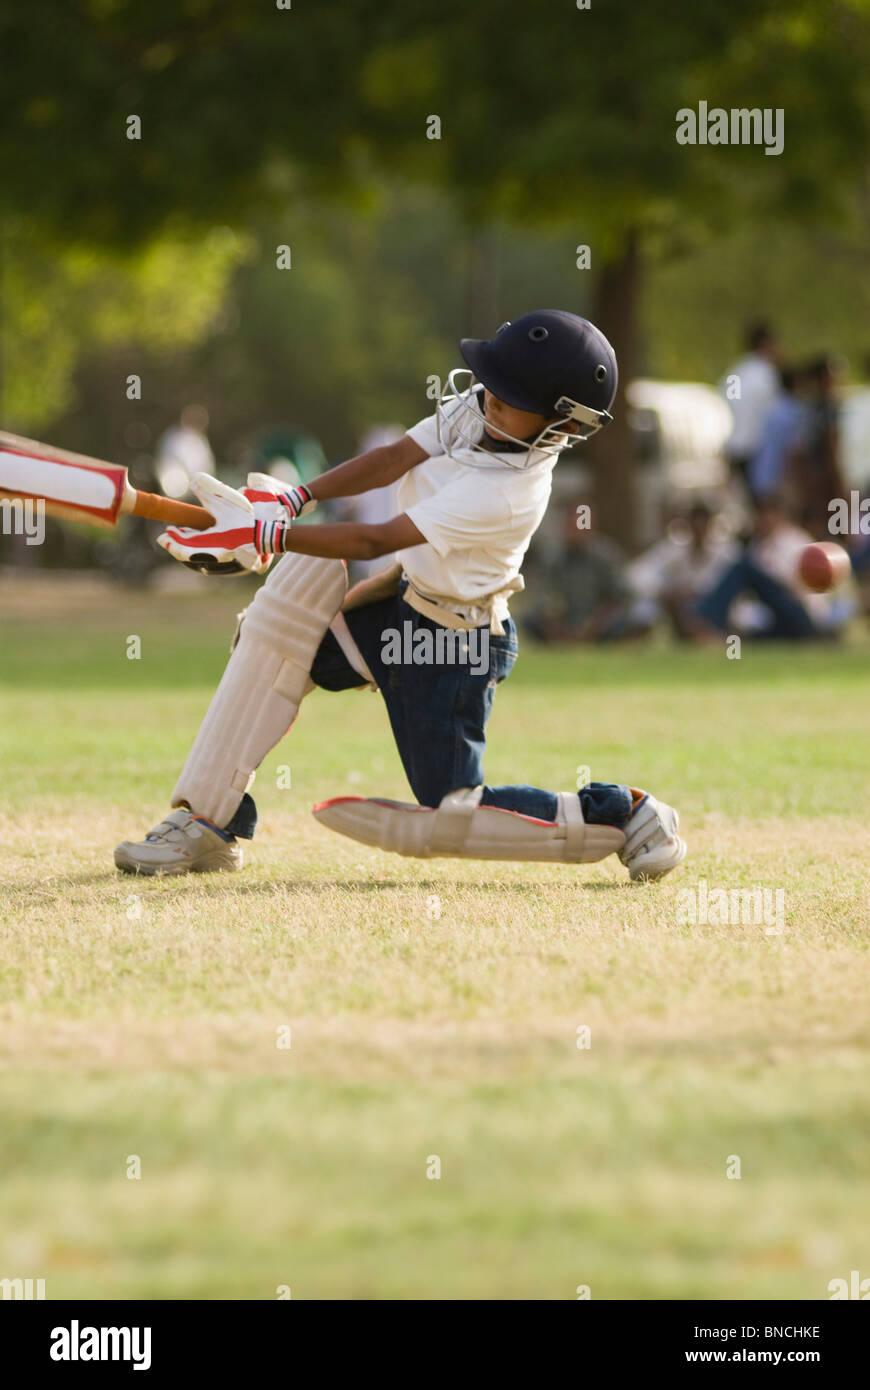 Ragazzo a giocare a cricket in un parco giochi, New Delhi, India Immagini Stock